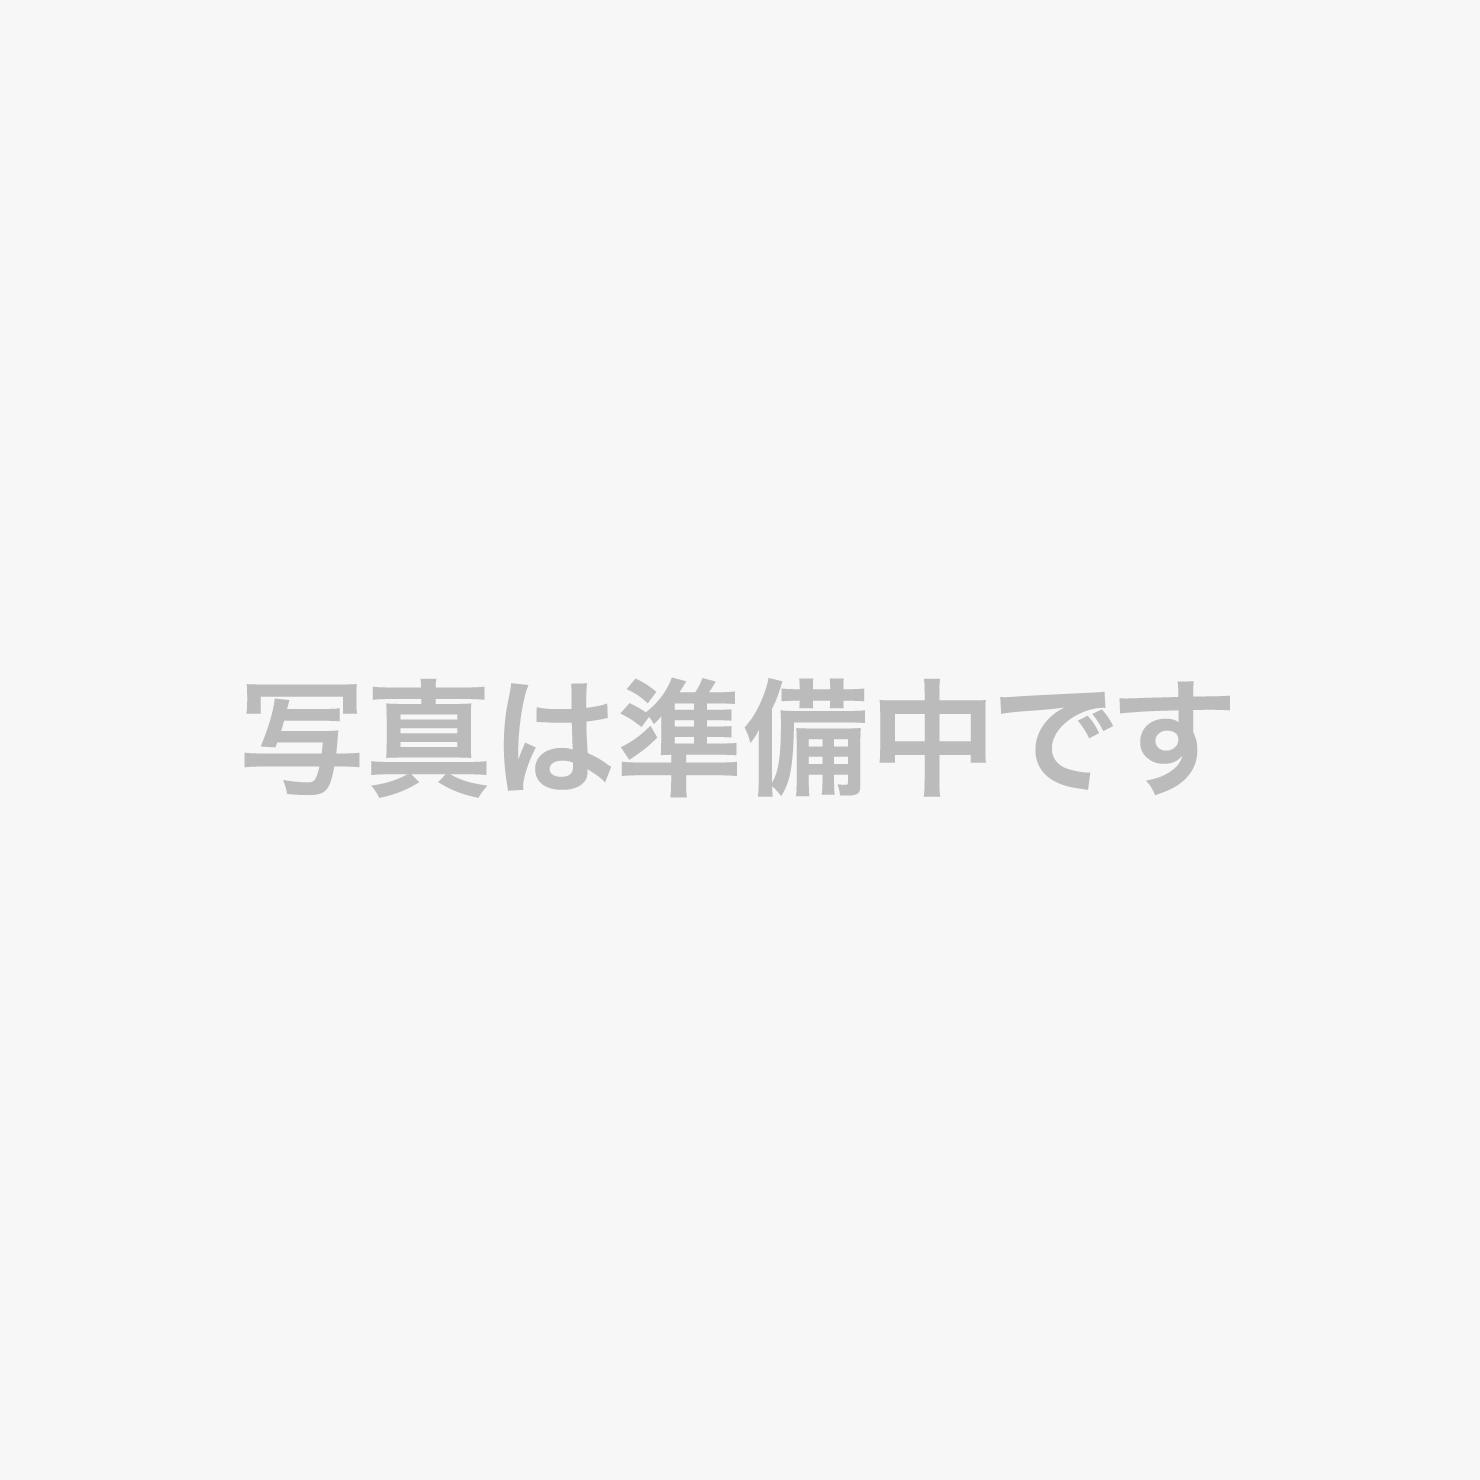 料理の鉄人 道場六三郎氏のオリジナルレシピのスイーツが頂ける 山中温泉観光名所【川床(かわどこ)】